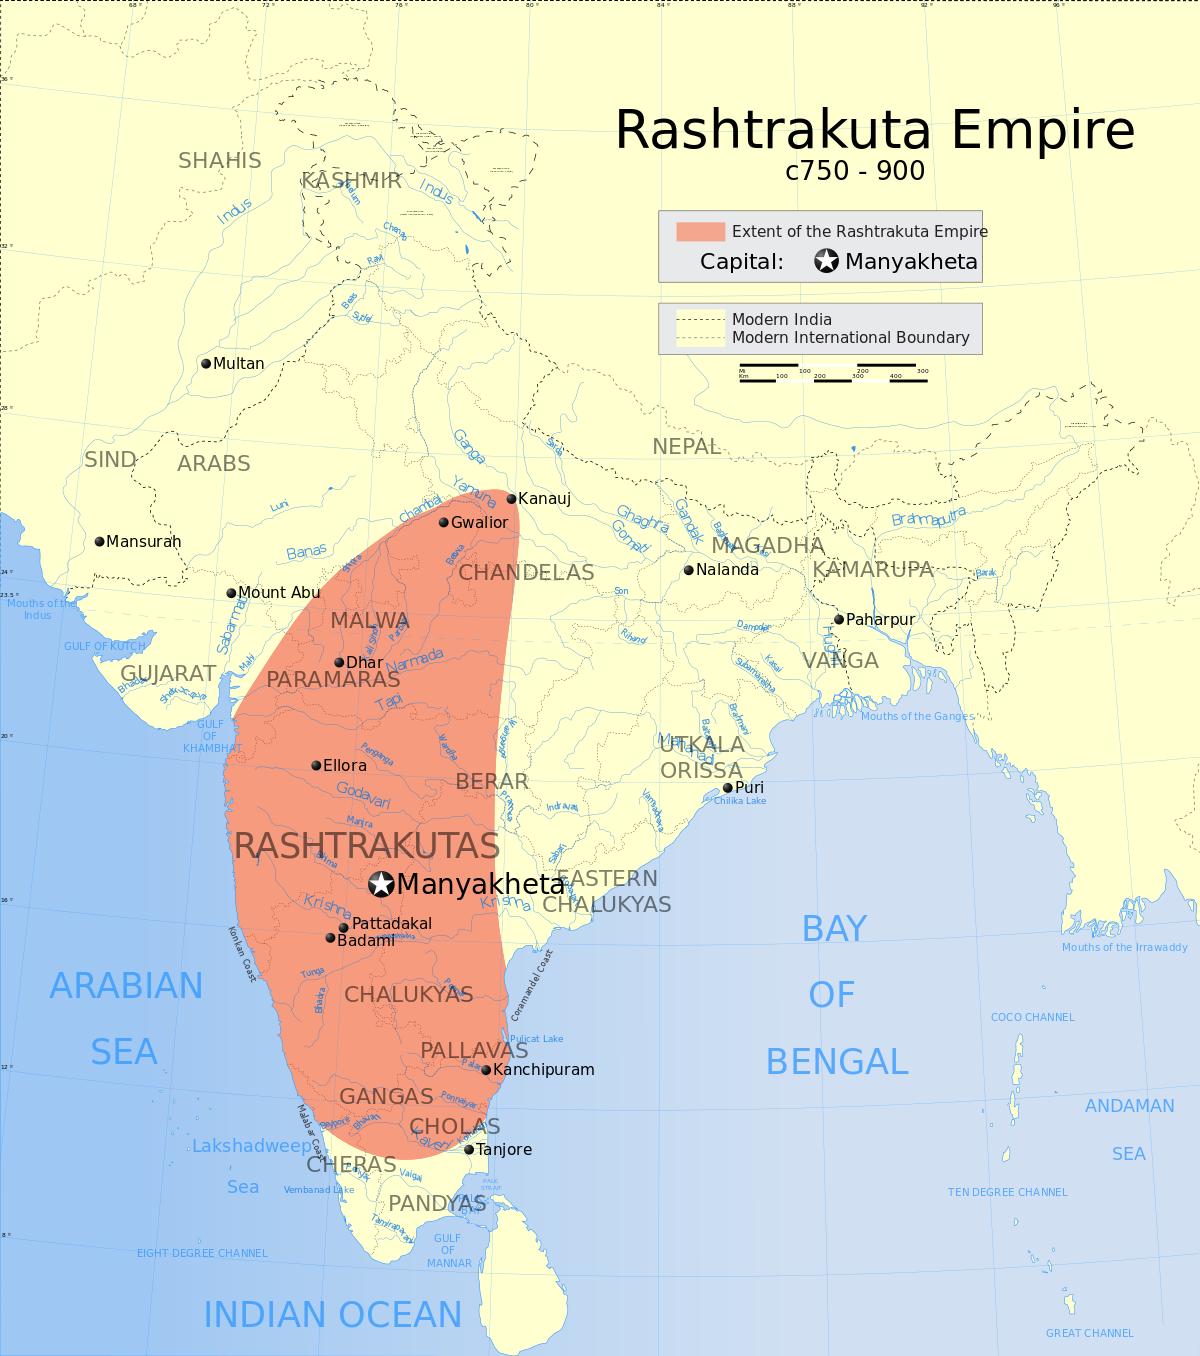 Rashtrakuta empire (750-900)